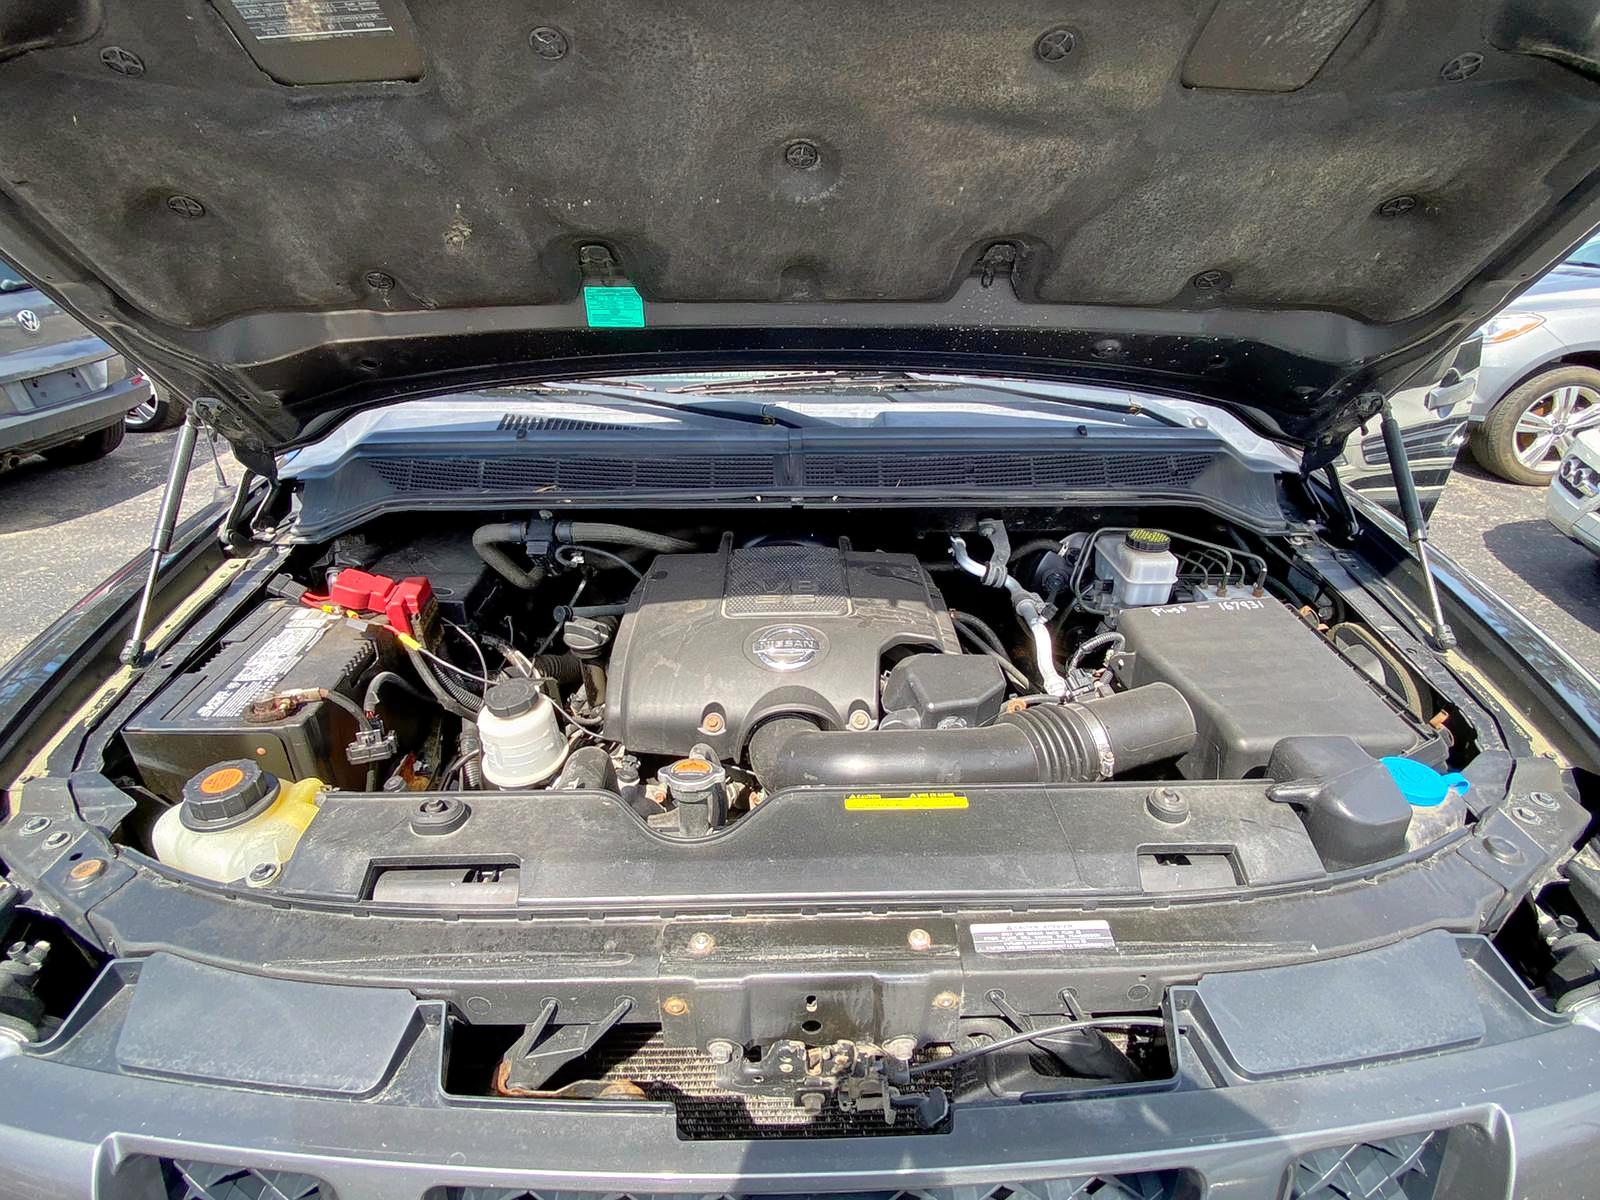 1N6AA0EJ9CN311613 - 2012 Nissan Titan S 5.6L inside view